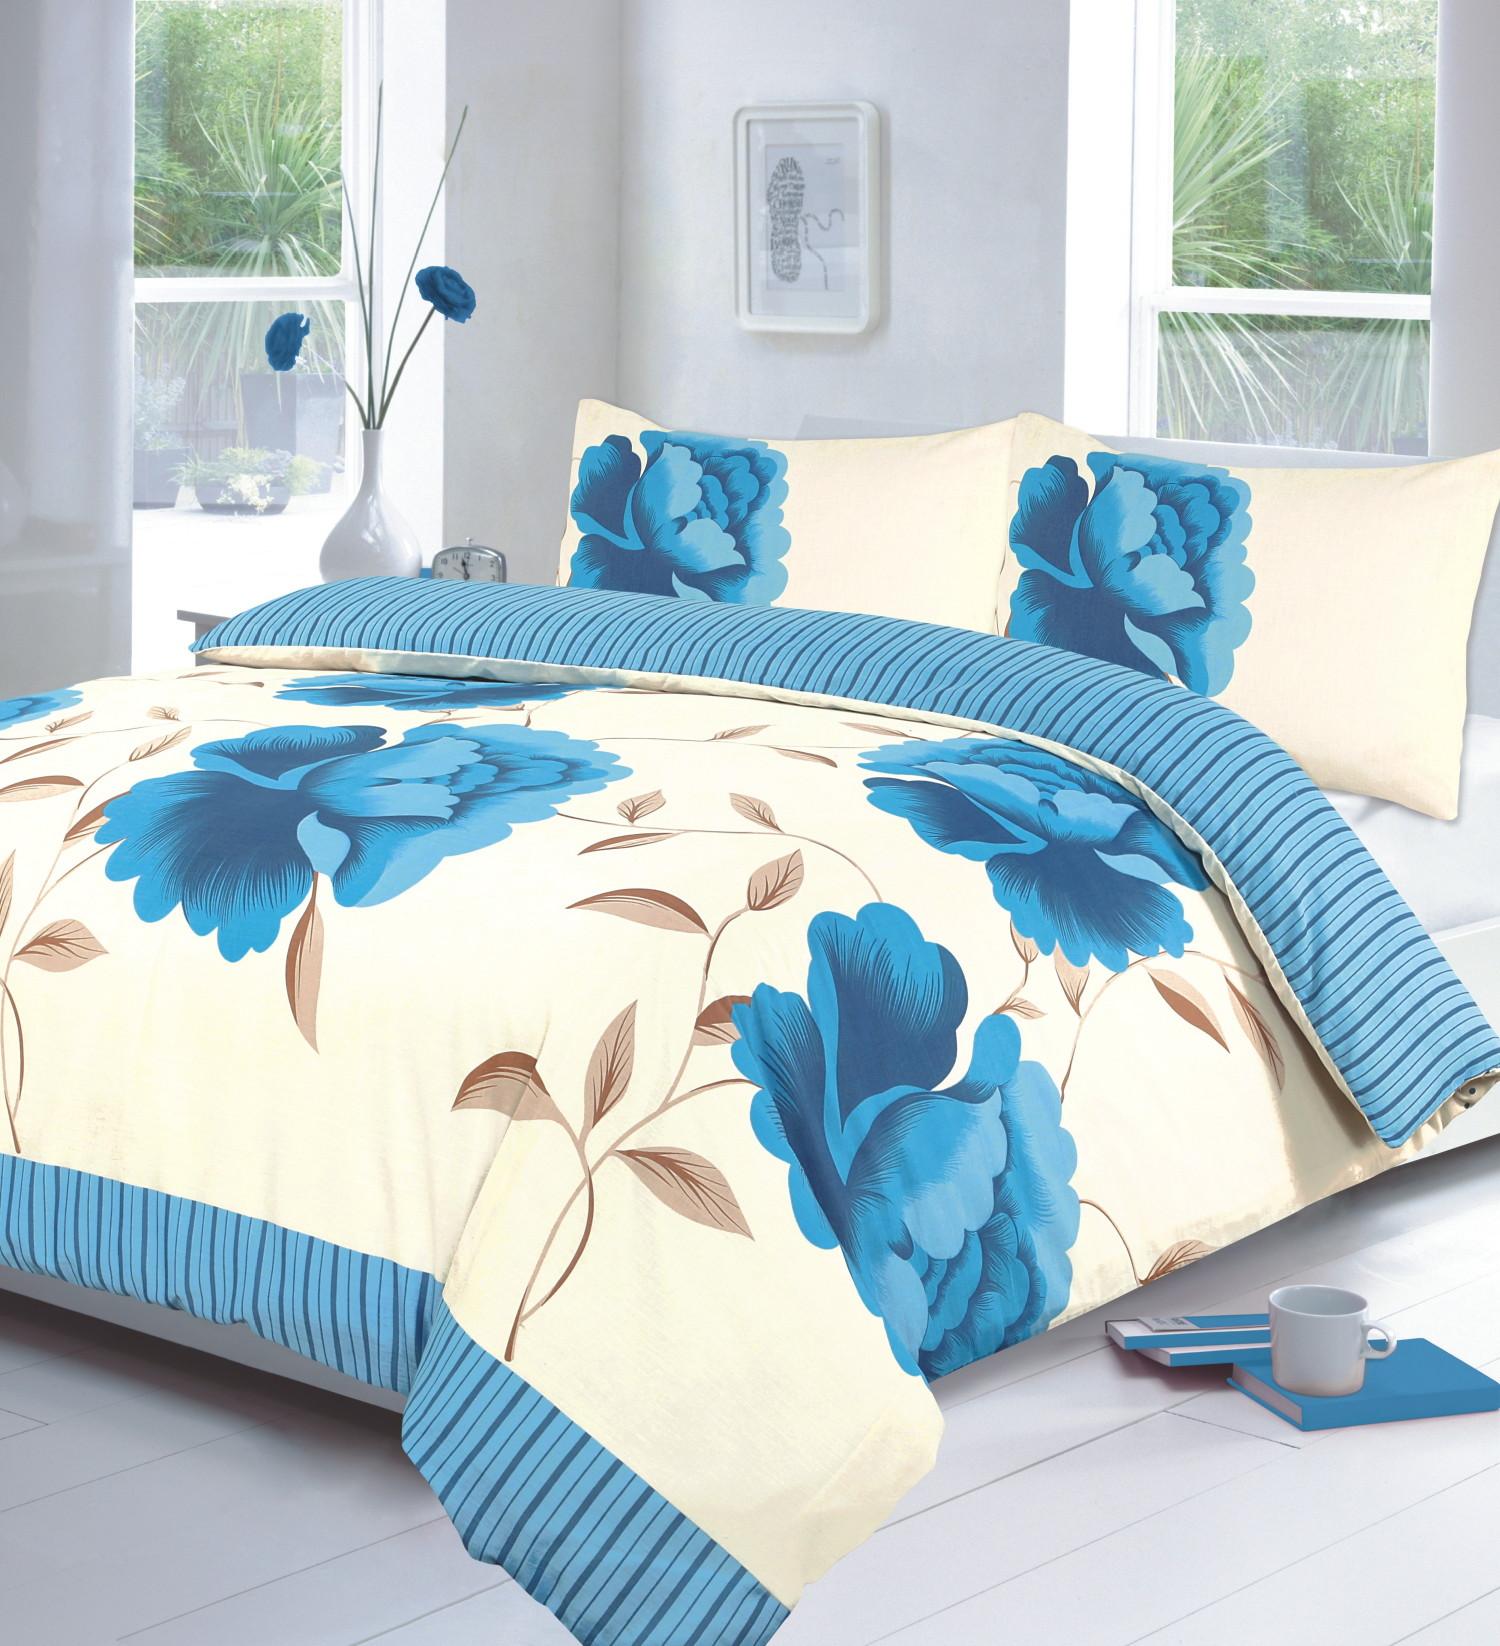 Rosaleen 4 pz stampato copripiumino floreale mantovana completo set da letto ebay - Mantovana letto ...